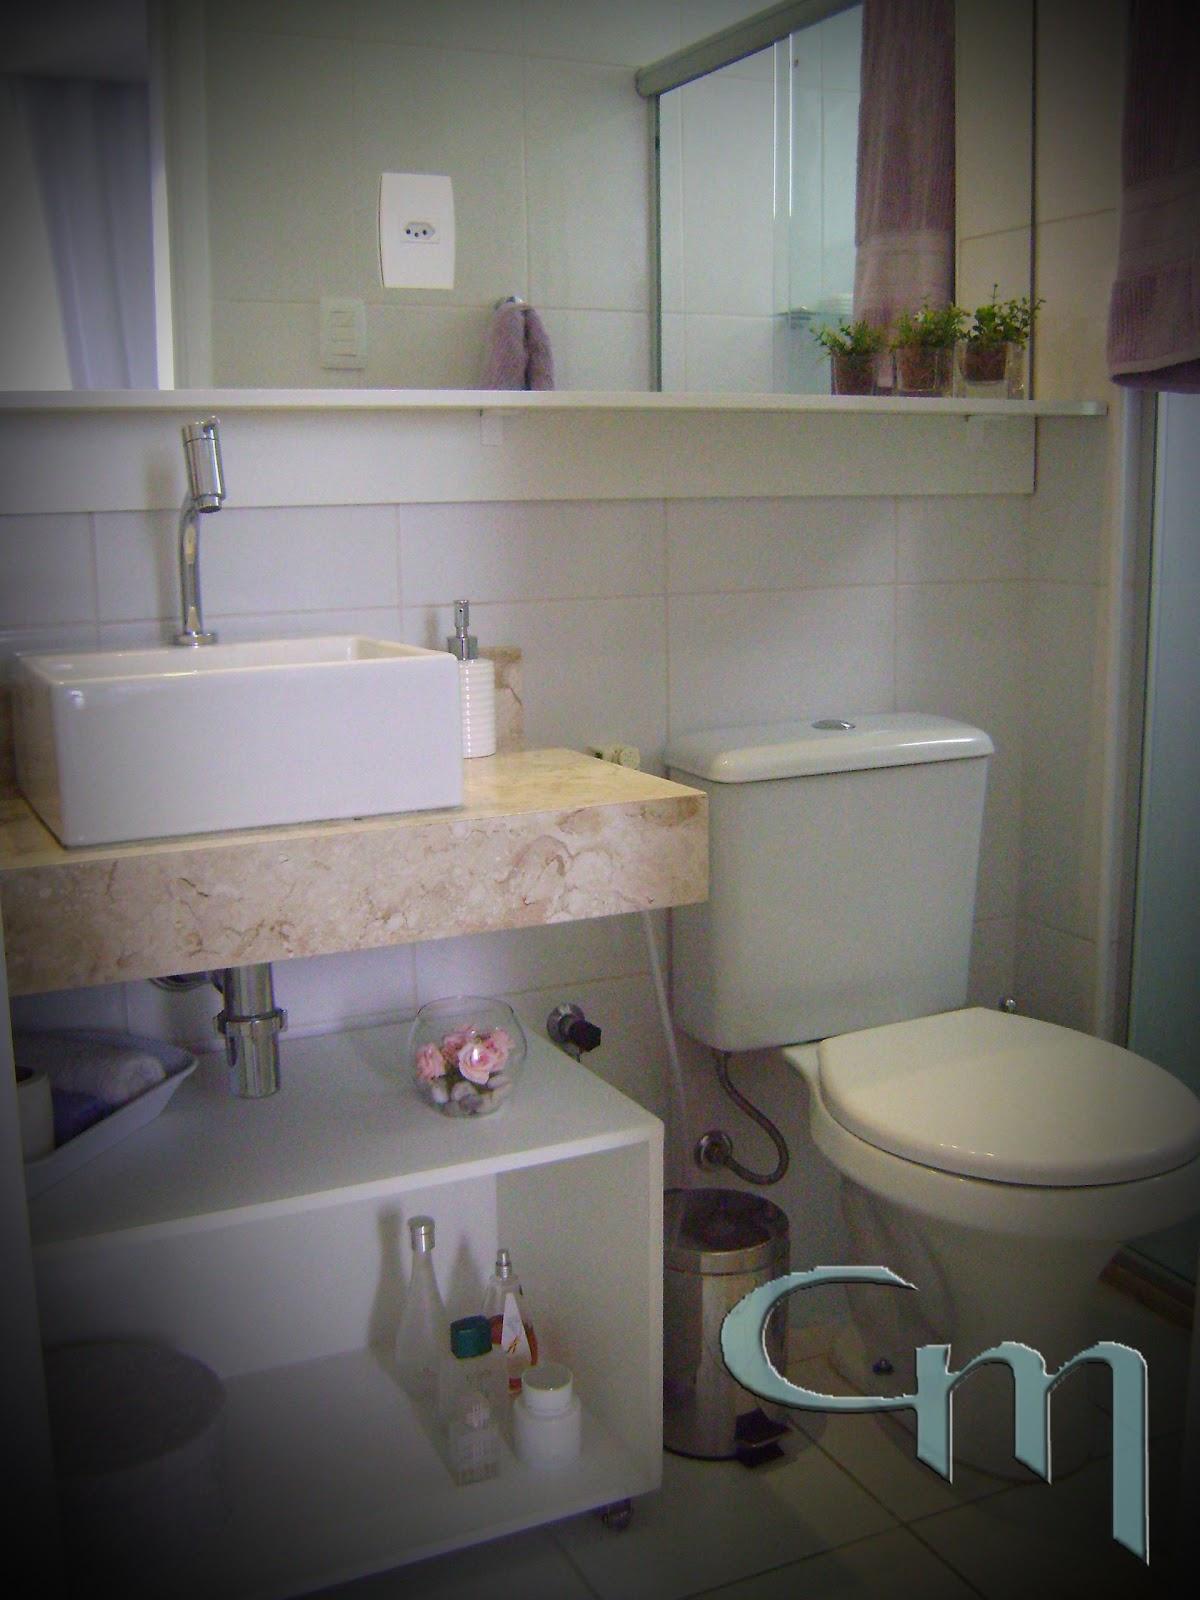 Pensamentos de um Girassol: Bege claro bege médio e bege escuro  #7A6A51 1200x1600 Banheiro Bancada Bege Bahia